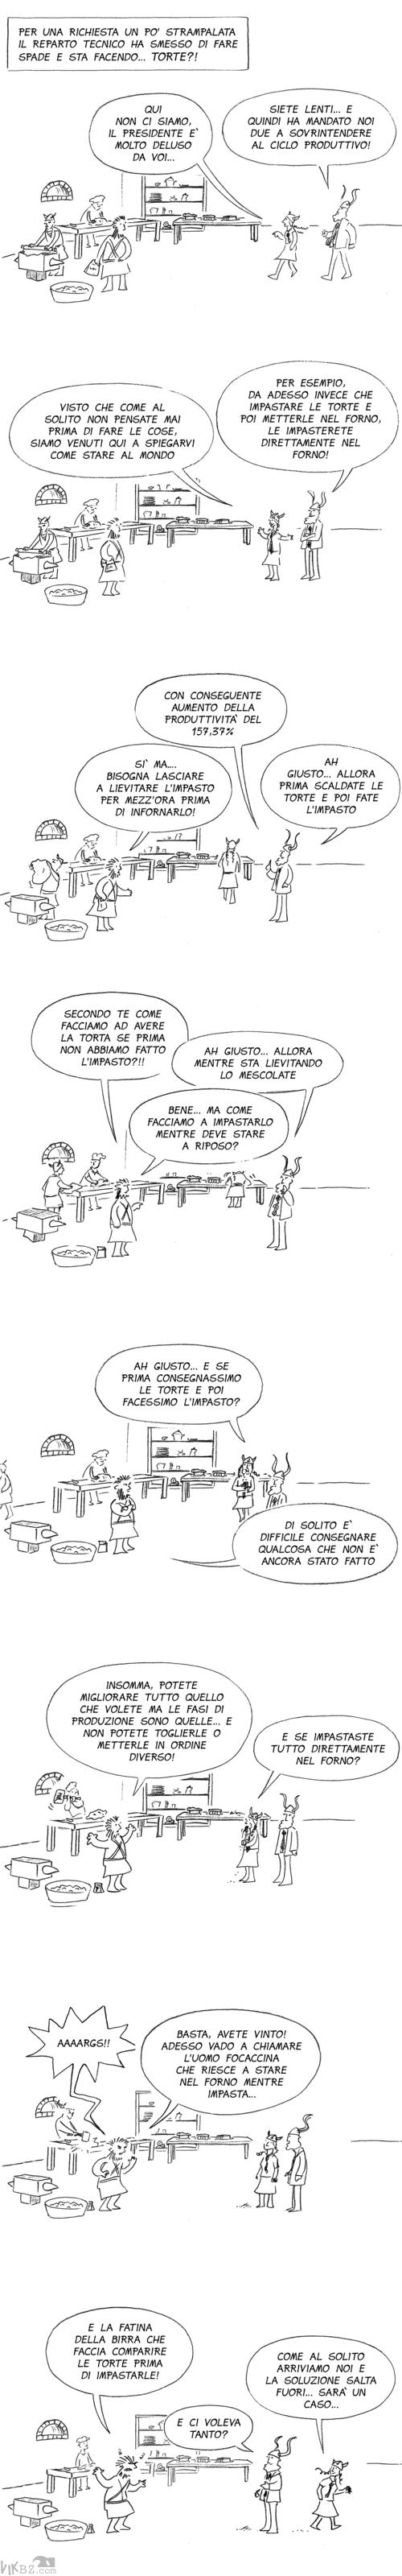 Menti manageriali e tentativi di miglioramento del ciclo produttivo